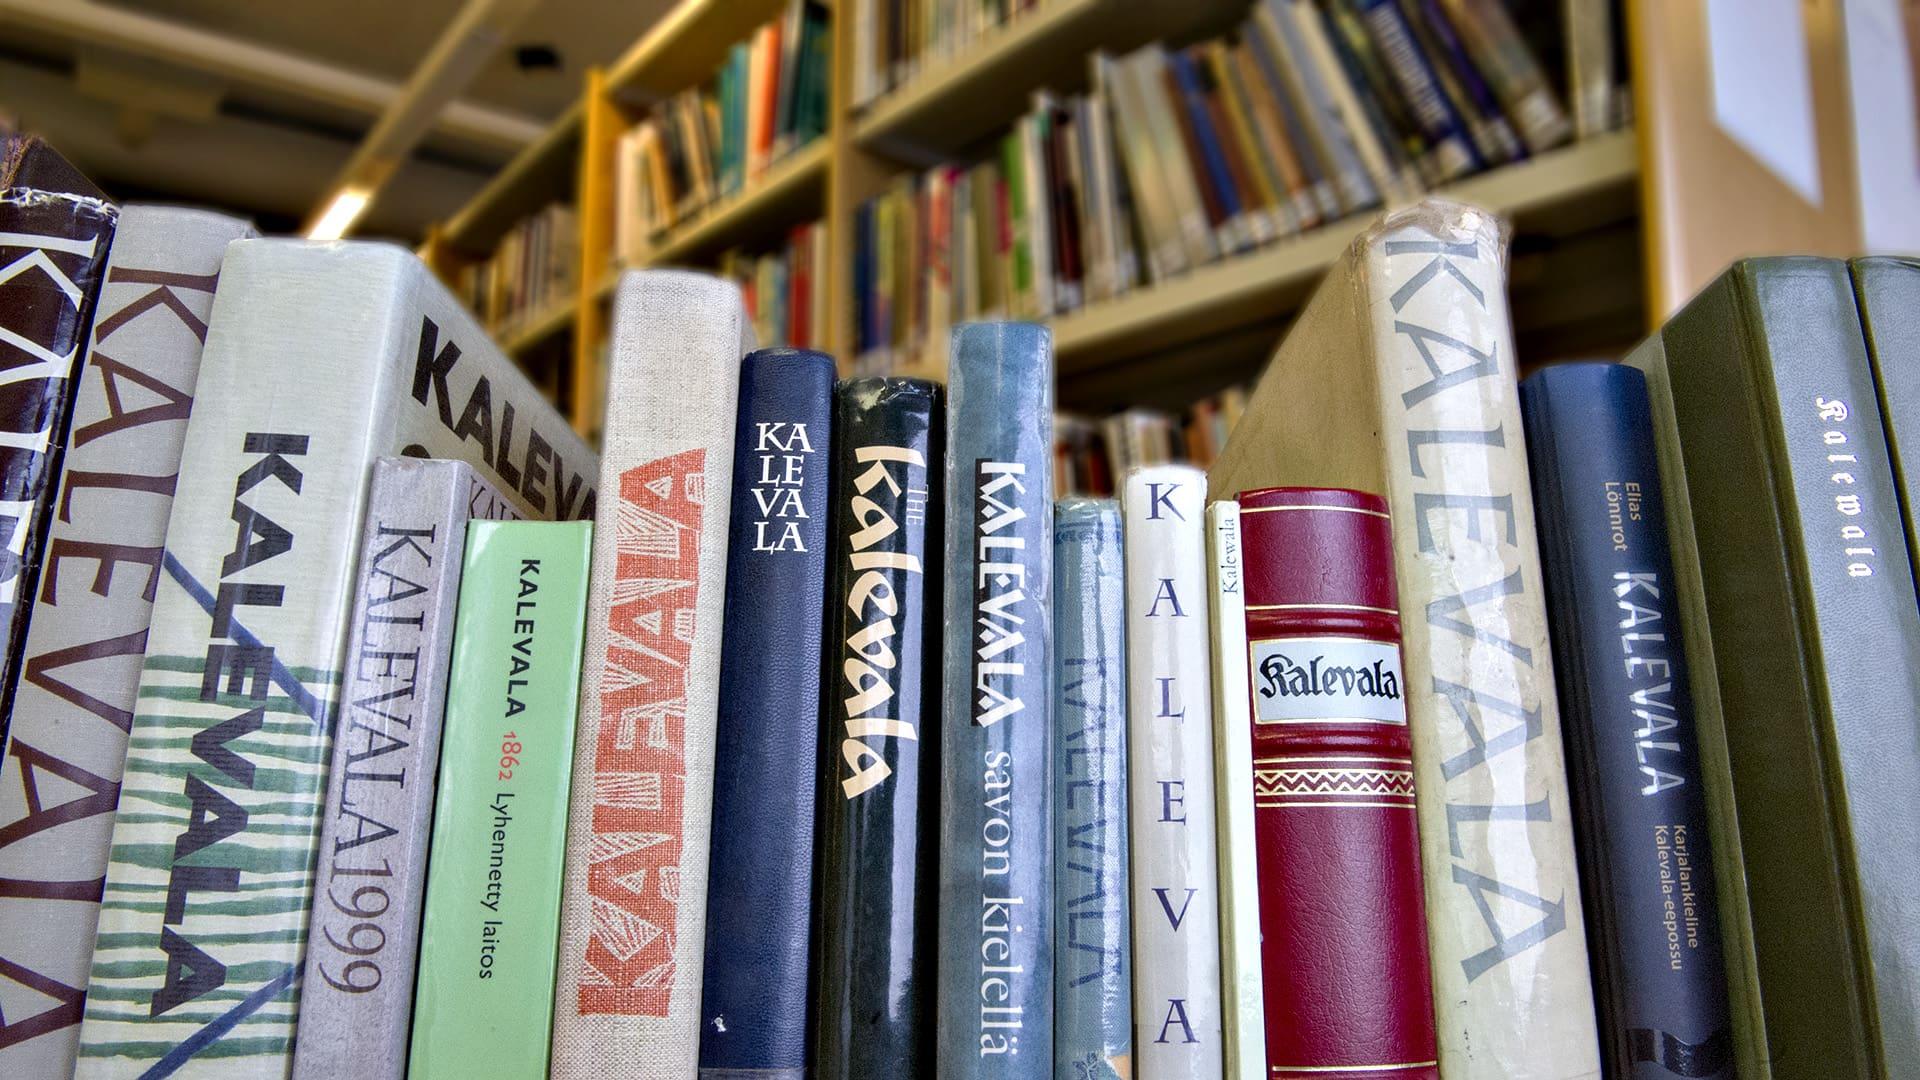 Kalevalakirjoja hyllyssä.